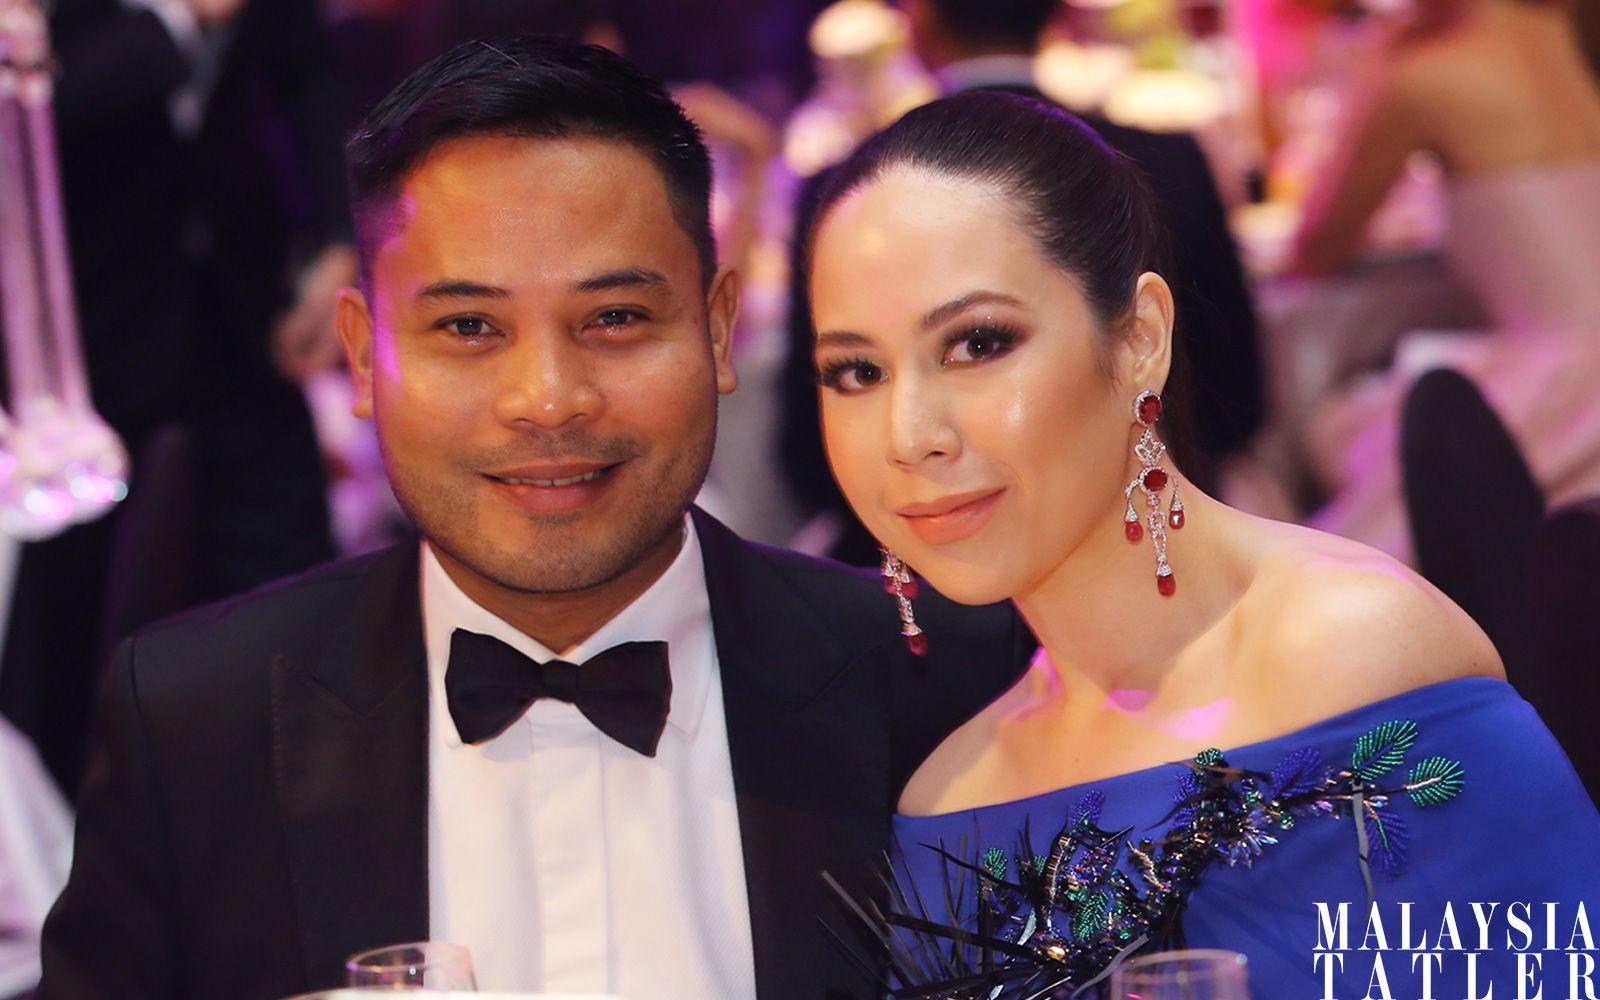 Sahazan Yassin and Kelly Roza